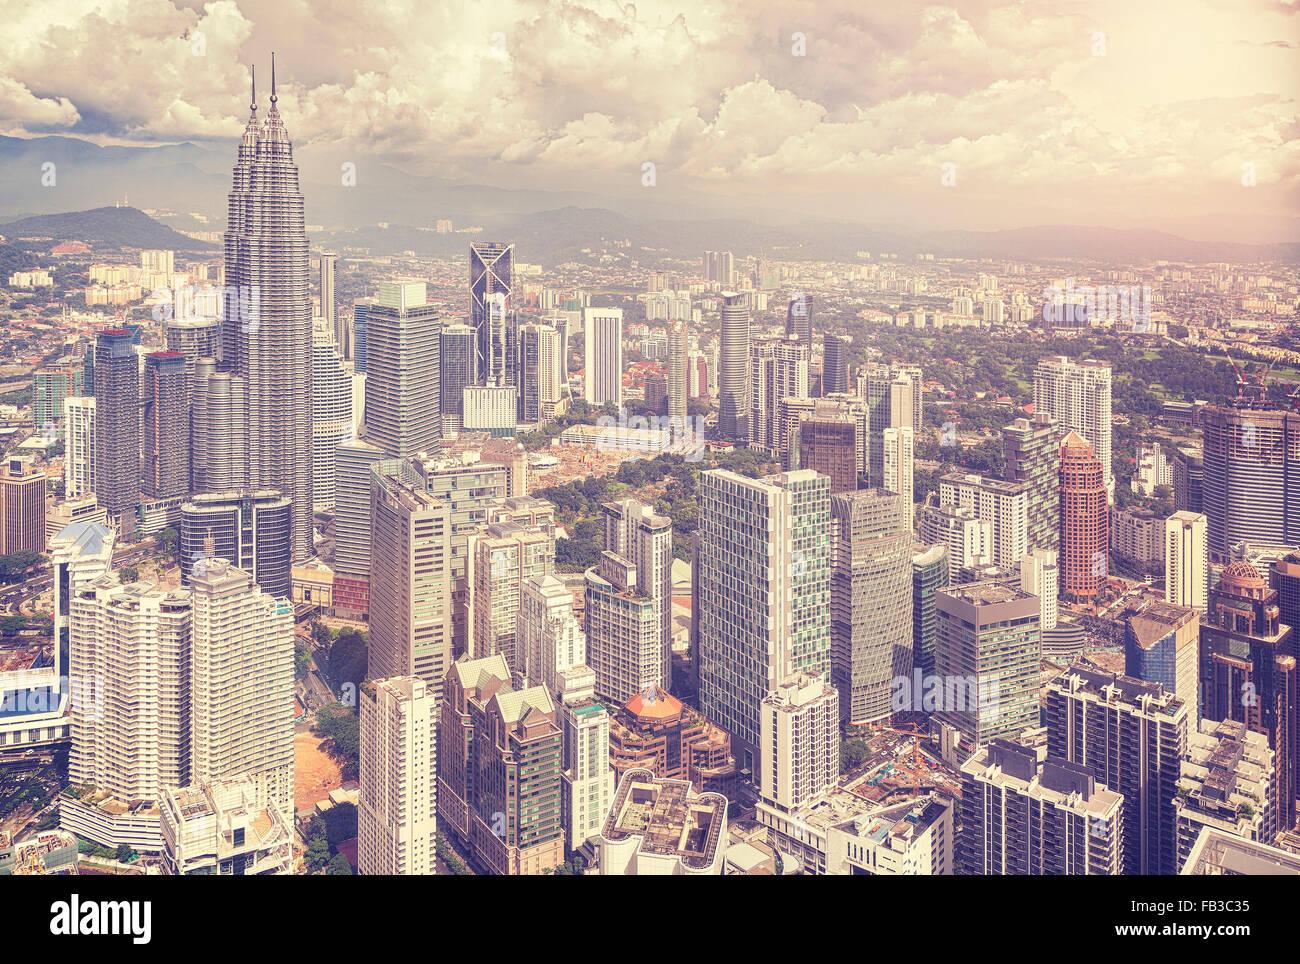 Vintage foto stilizzata dello skyline di Kuala Lumpur, Malesia. Immagini Stock